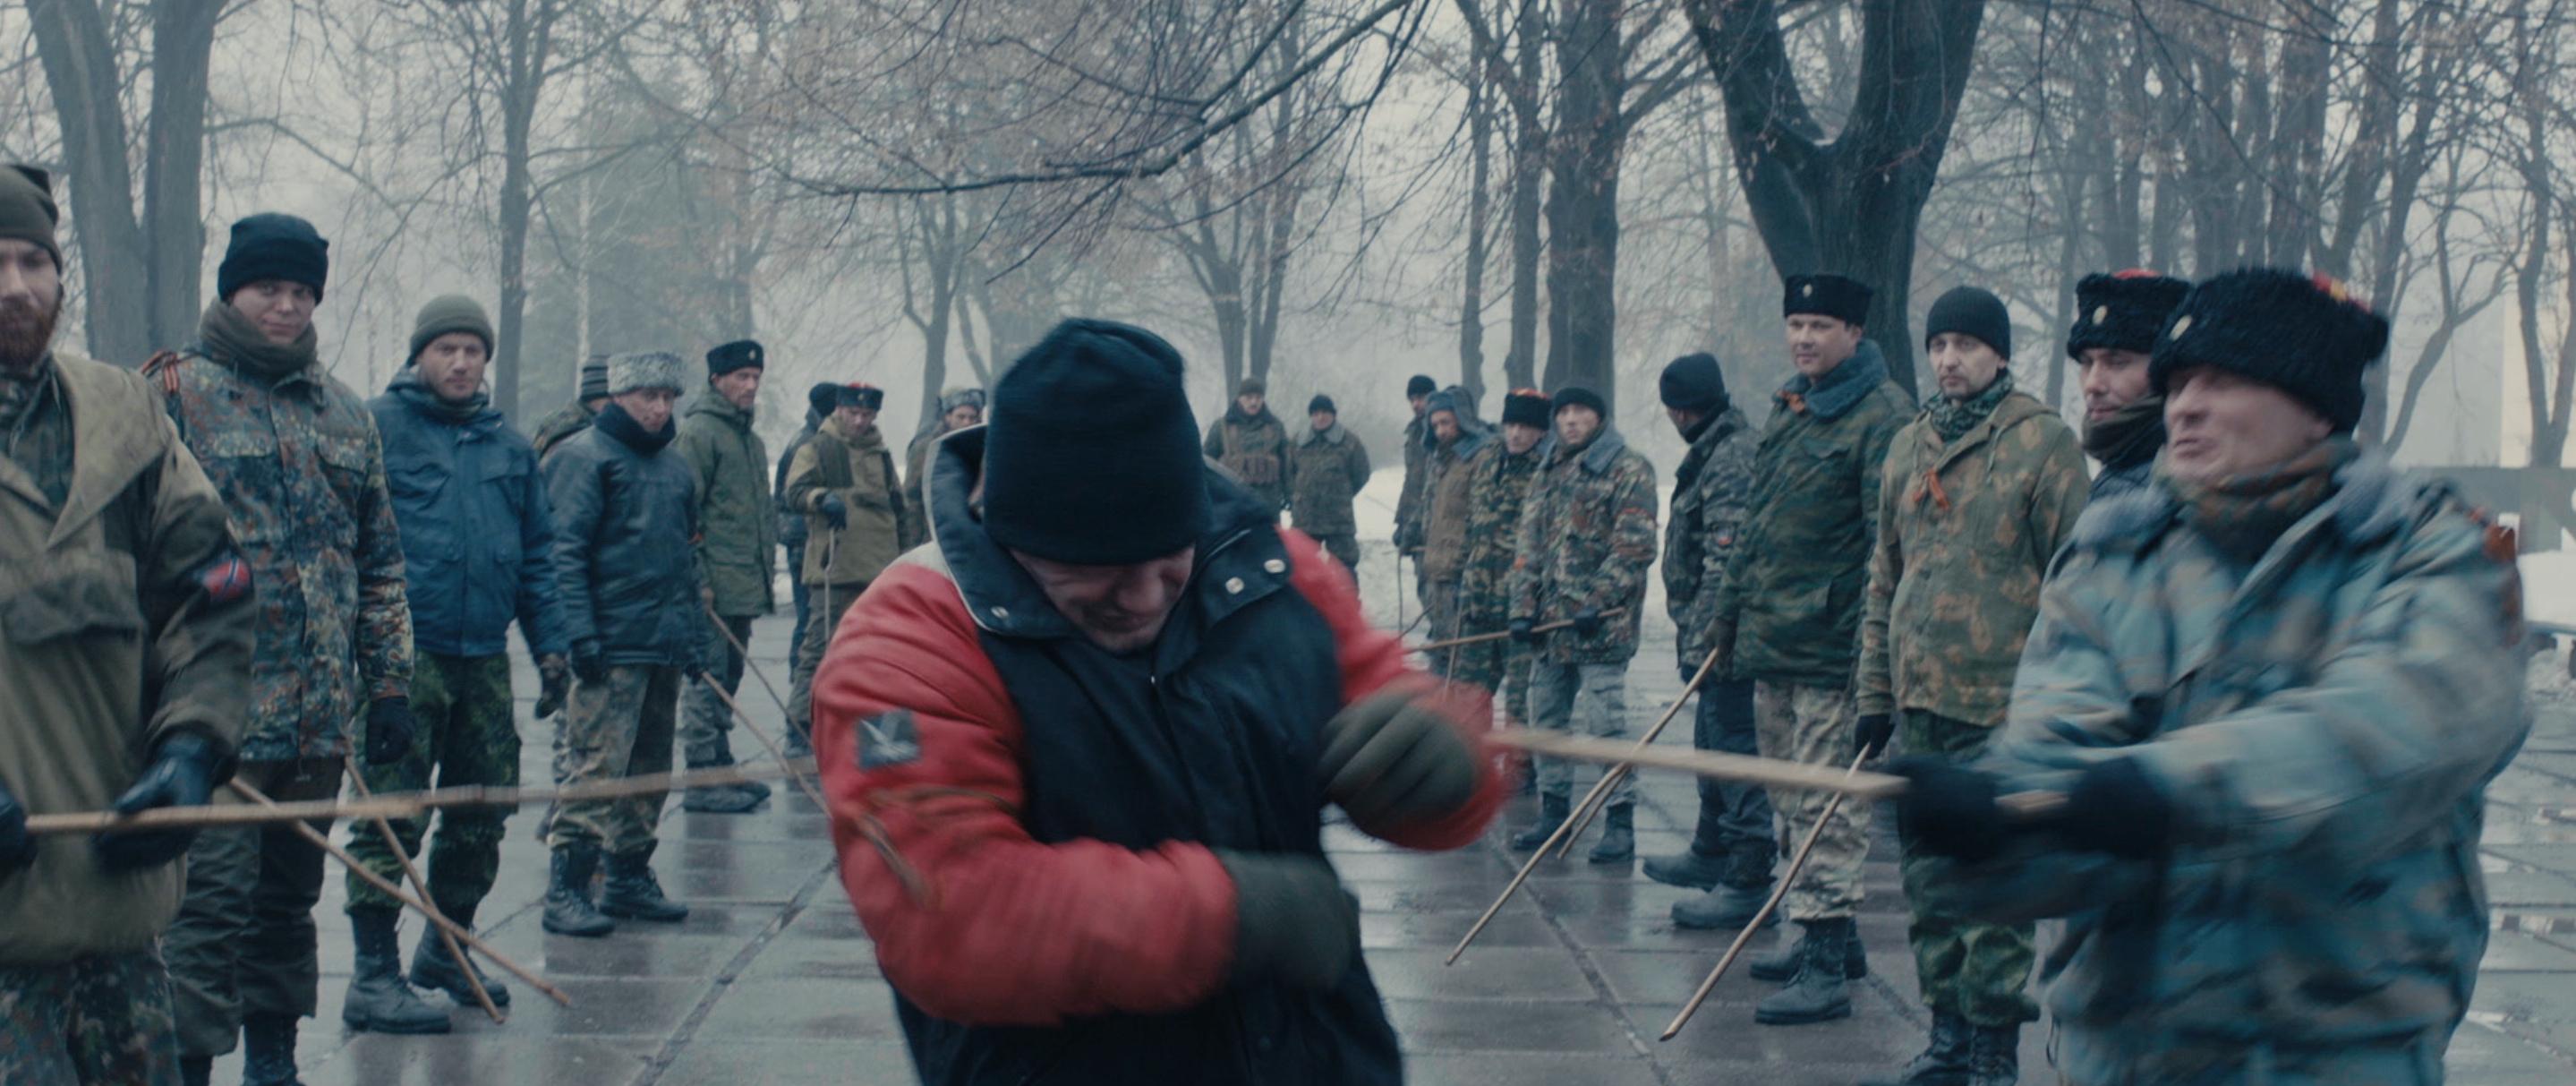 Фильм раскрывает разные аспекты жизни на оккупированном Донбассе в первые годы военного конфликта